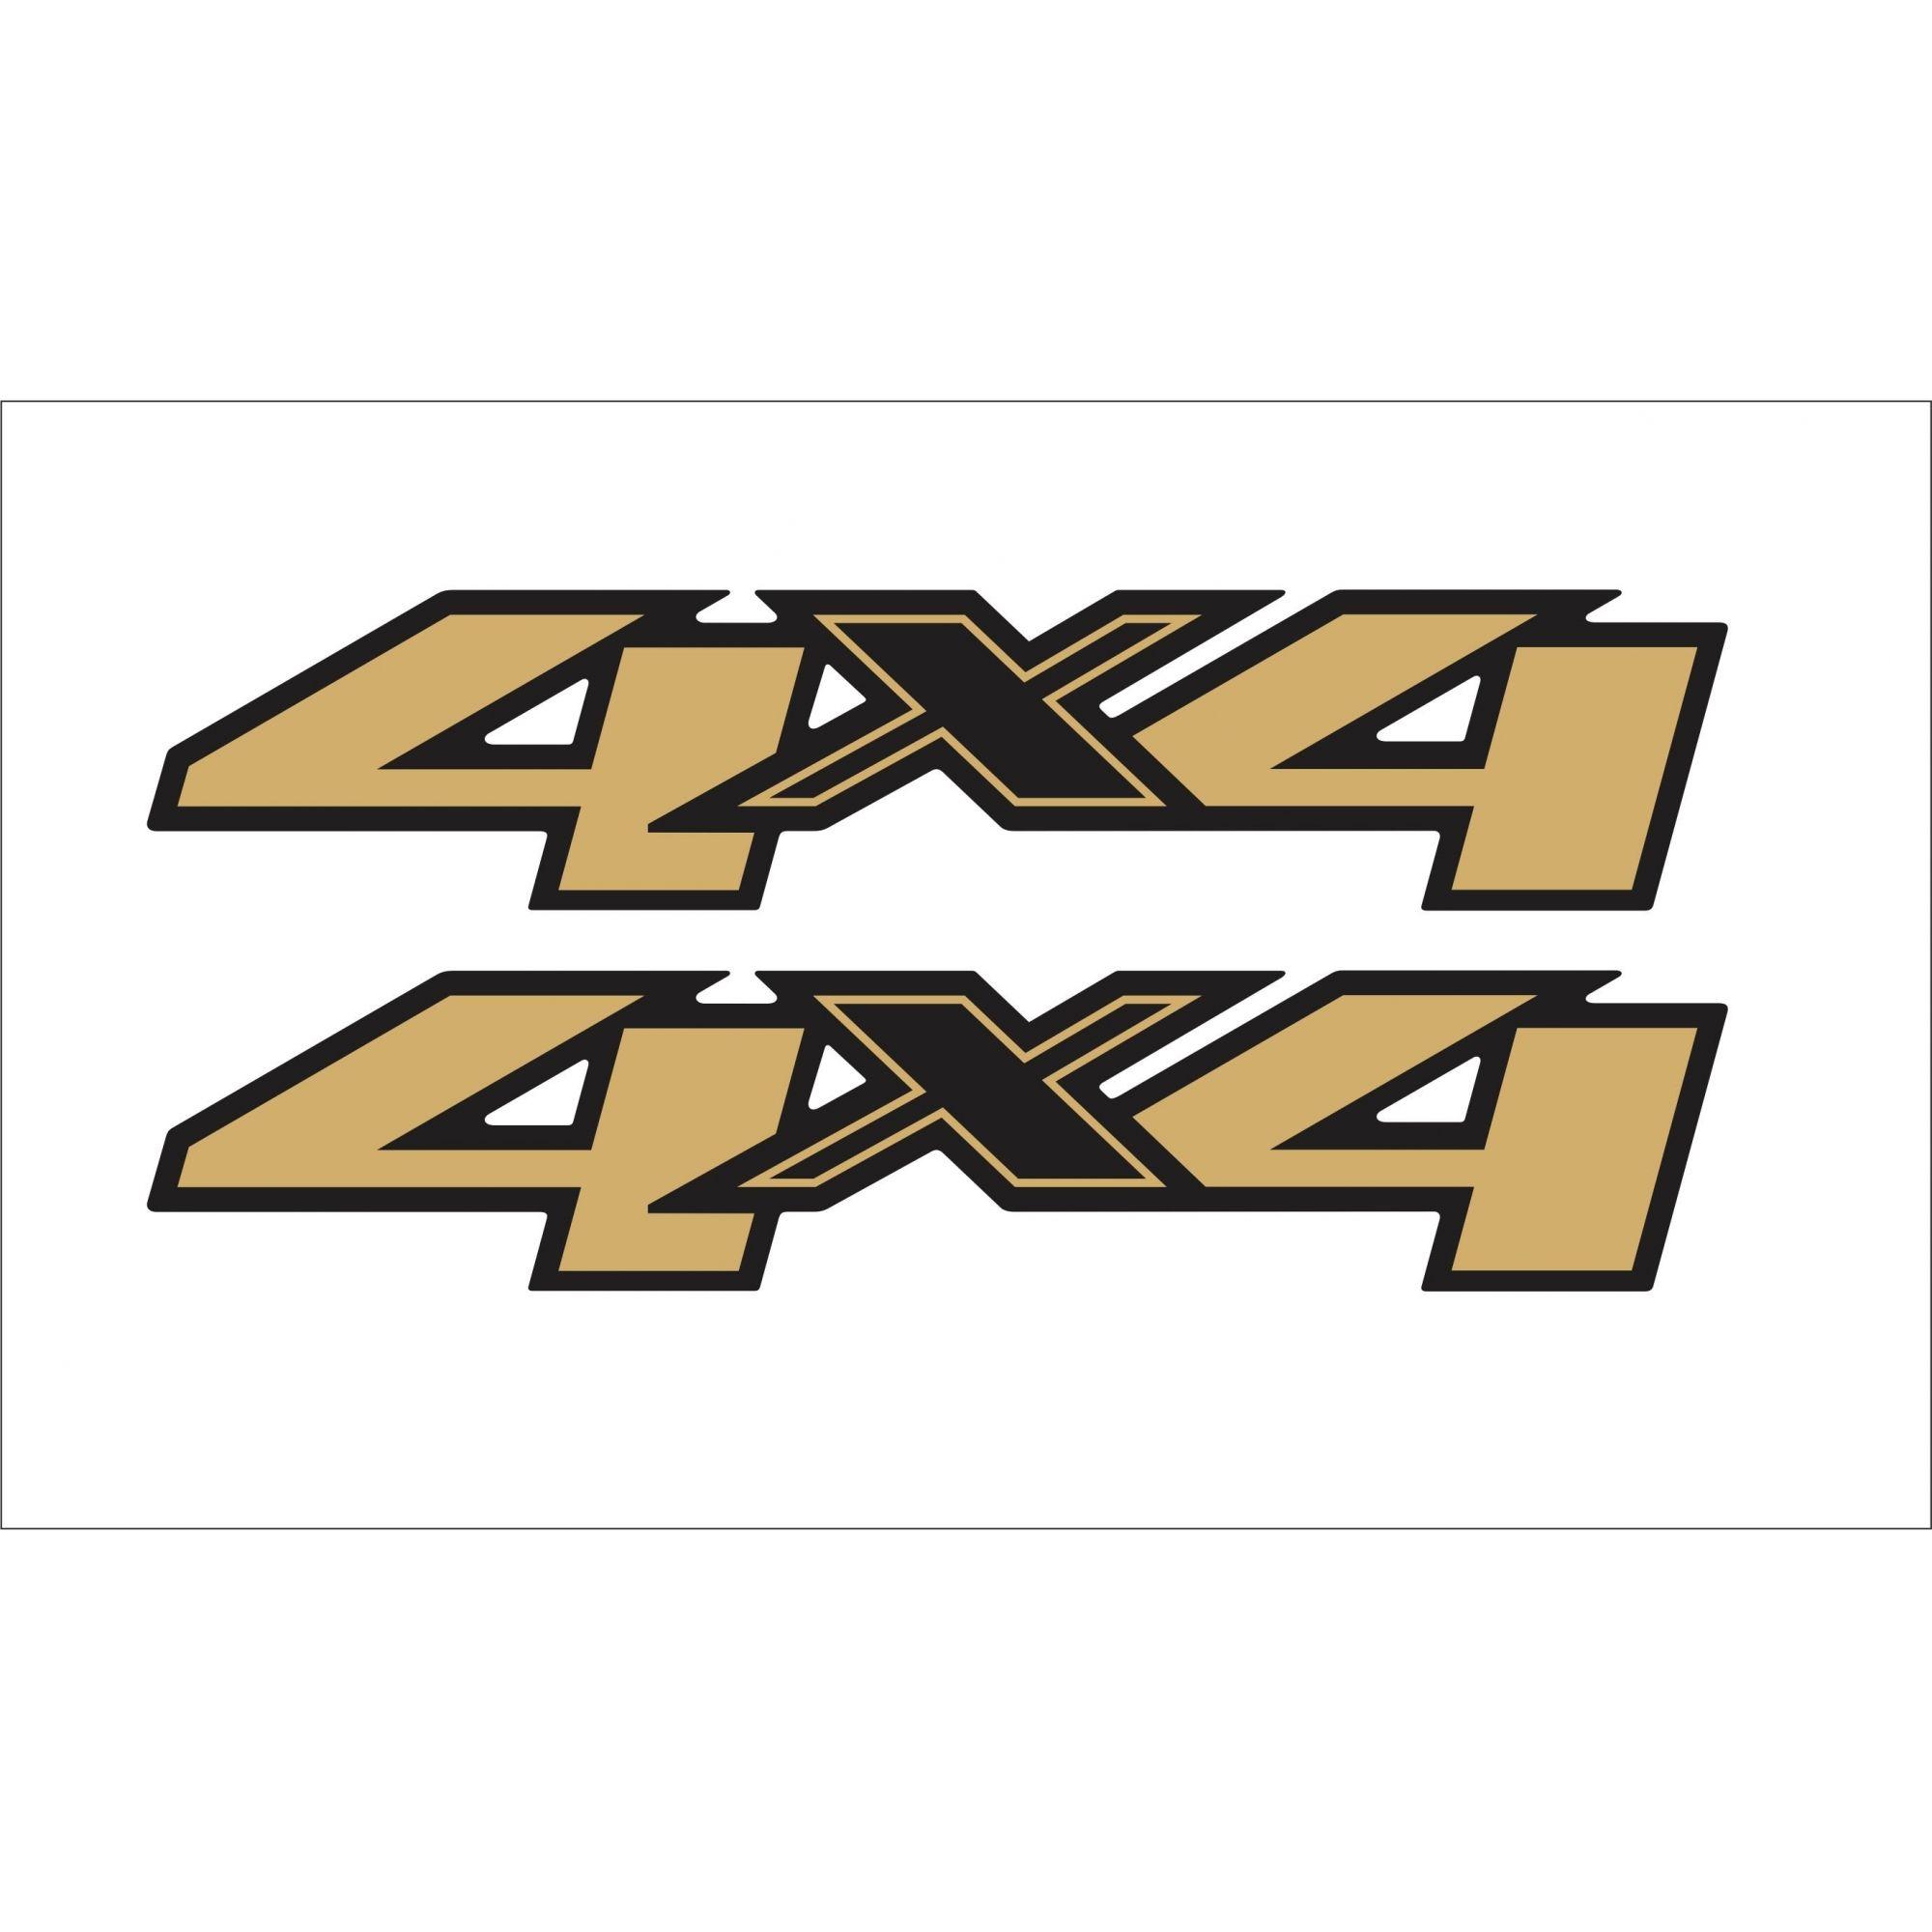 Adesivo Chevrolet S10 4x4 2012 Dourado S10p28